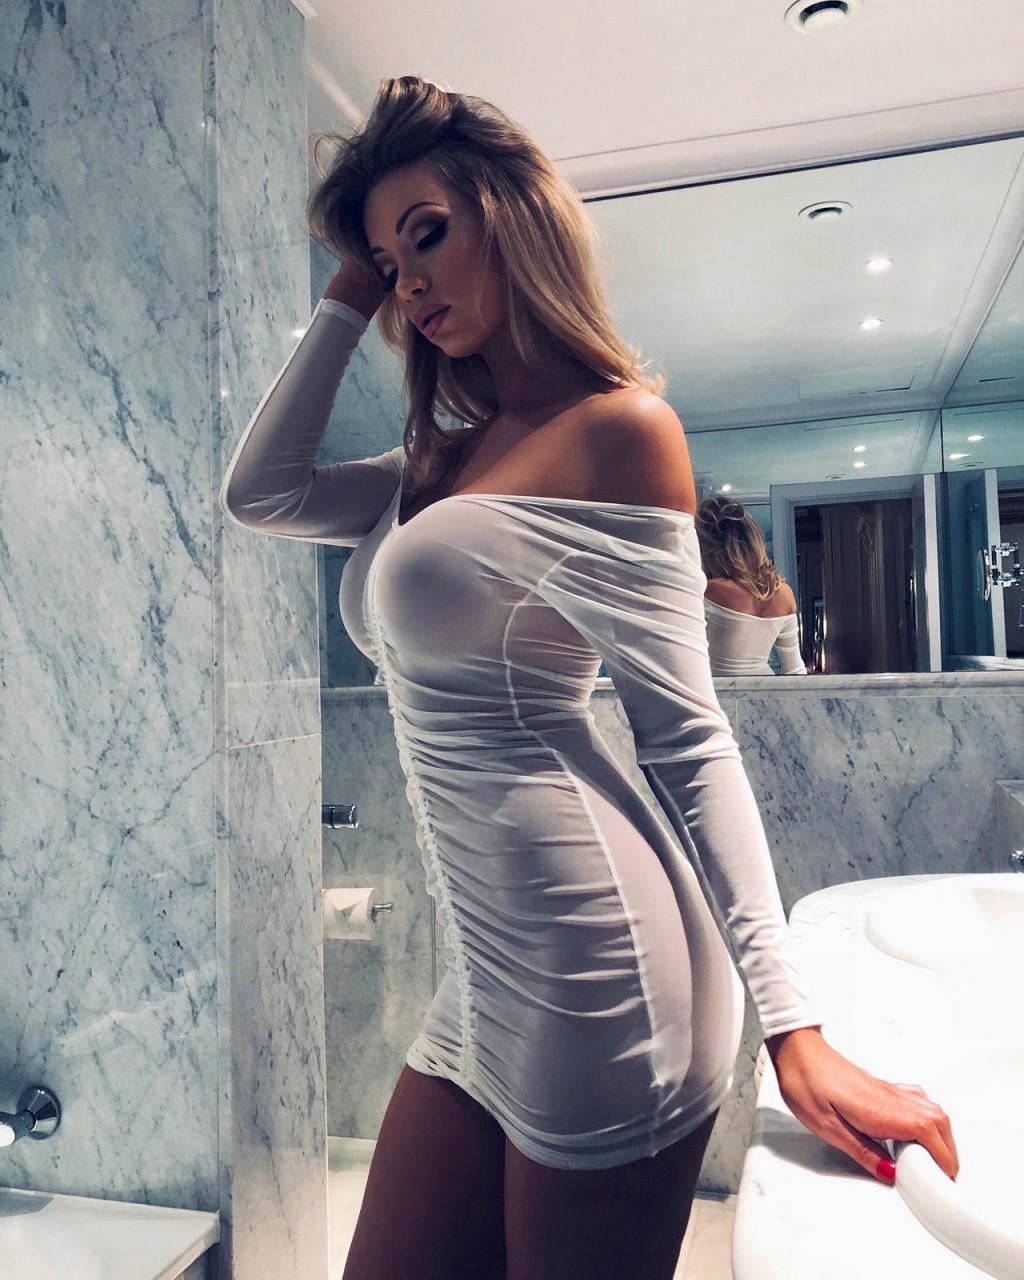 Девушки в облегающем платье соски торчком видео клипы — 3